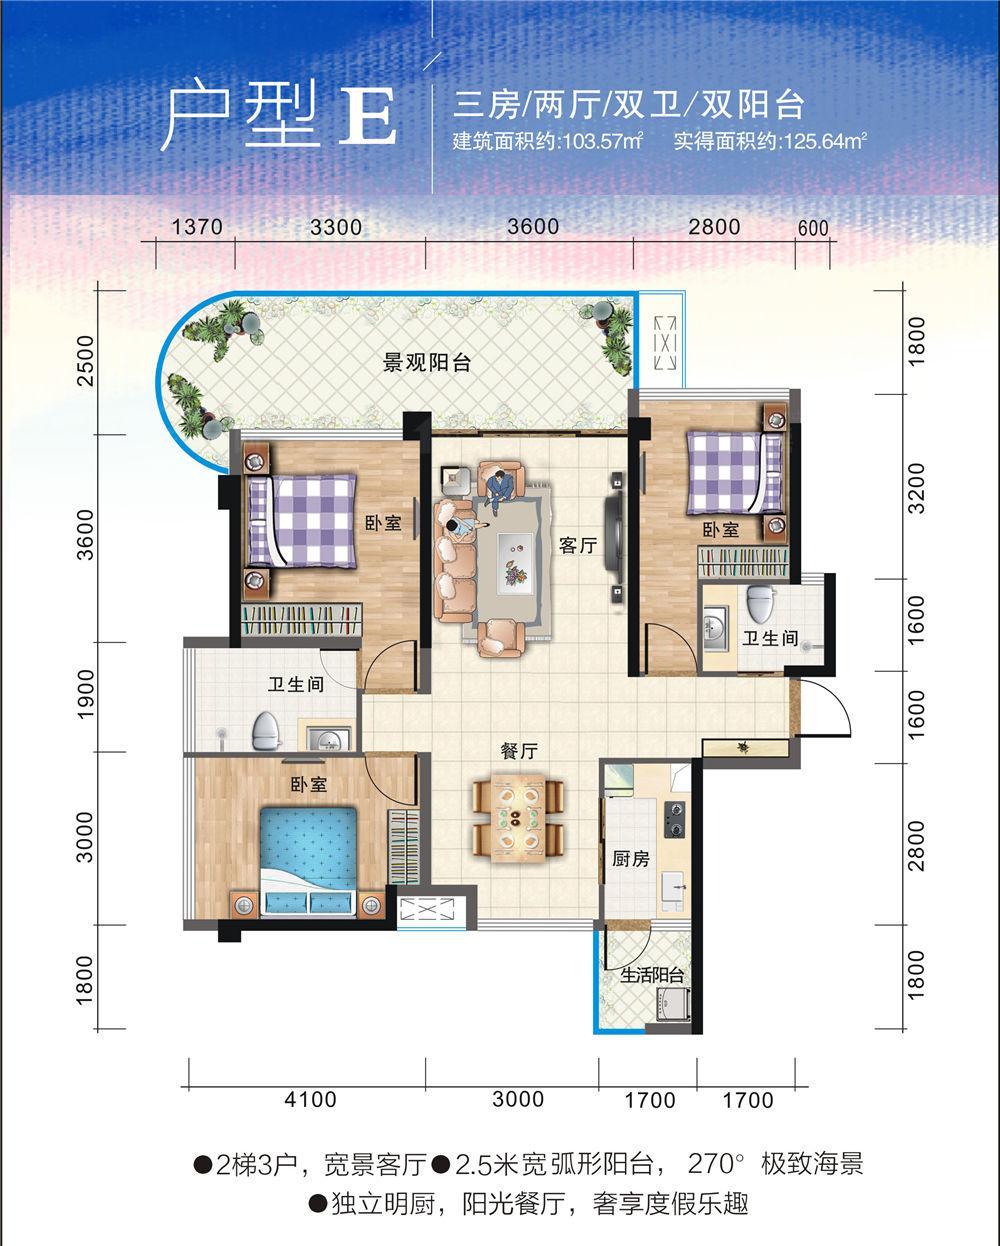 清鳳黃金海岸3房2廳2衛2陽臺